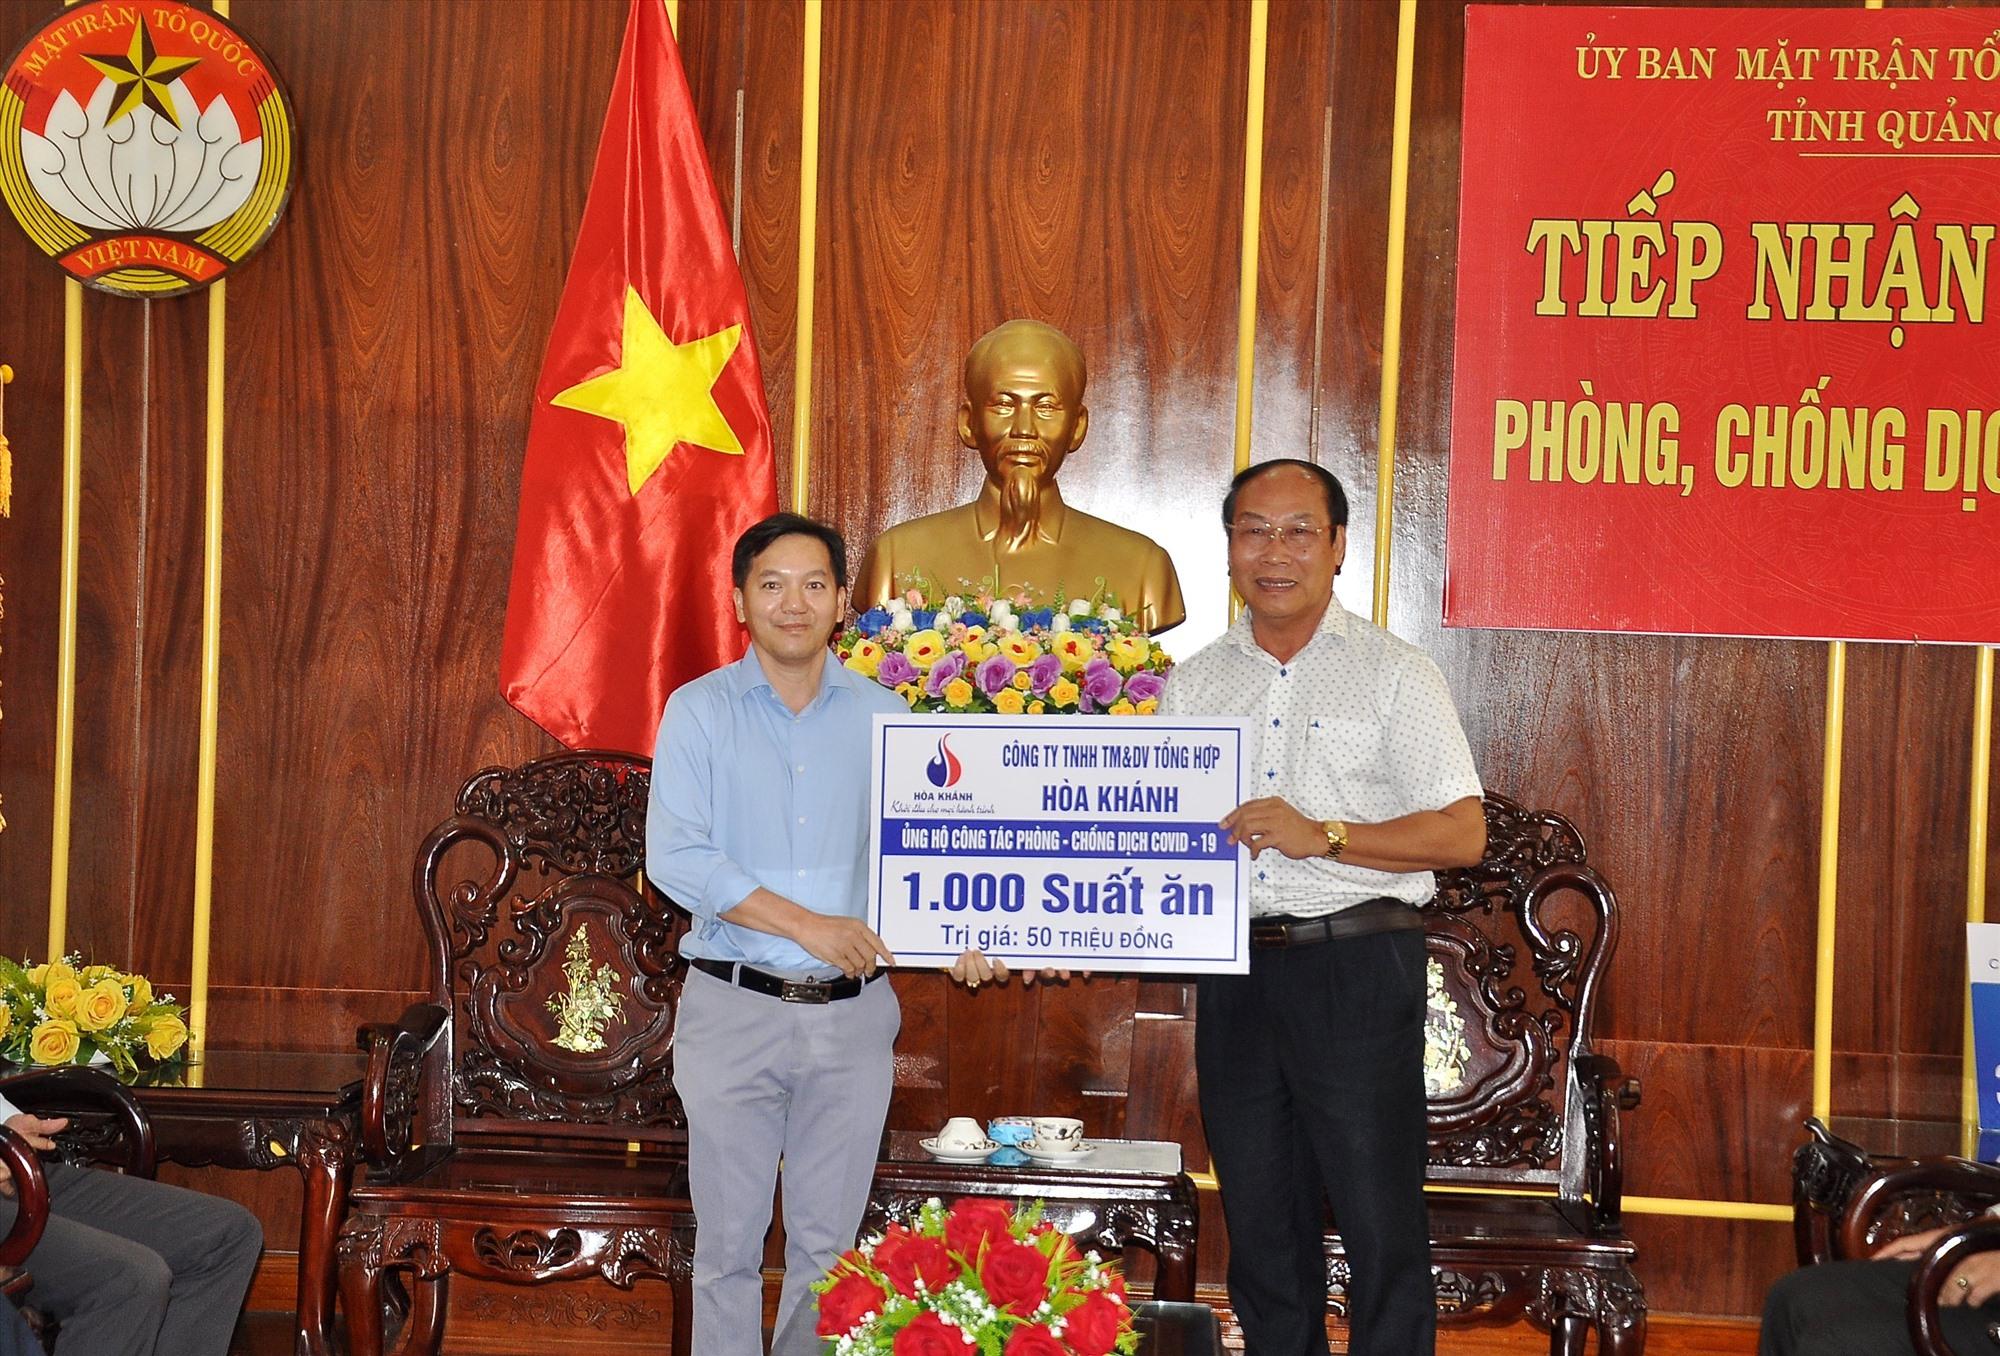 Chi nhánh xăng dầu Quảng Nam hỗ trợ 50 triệu đồng. Ảnh: VINH ANH